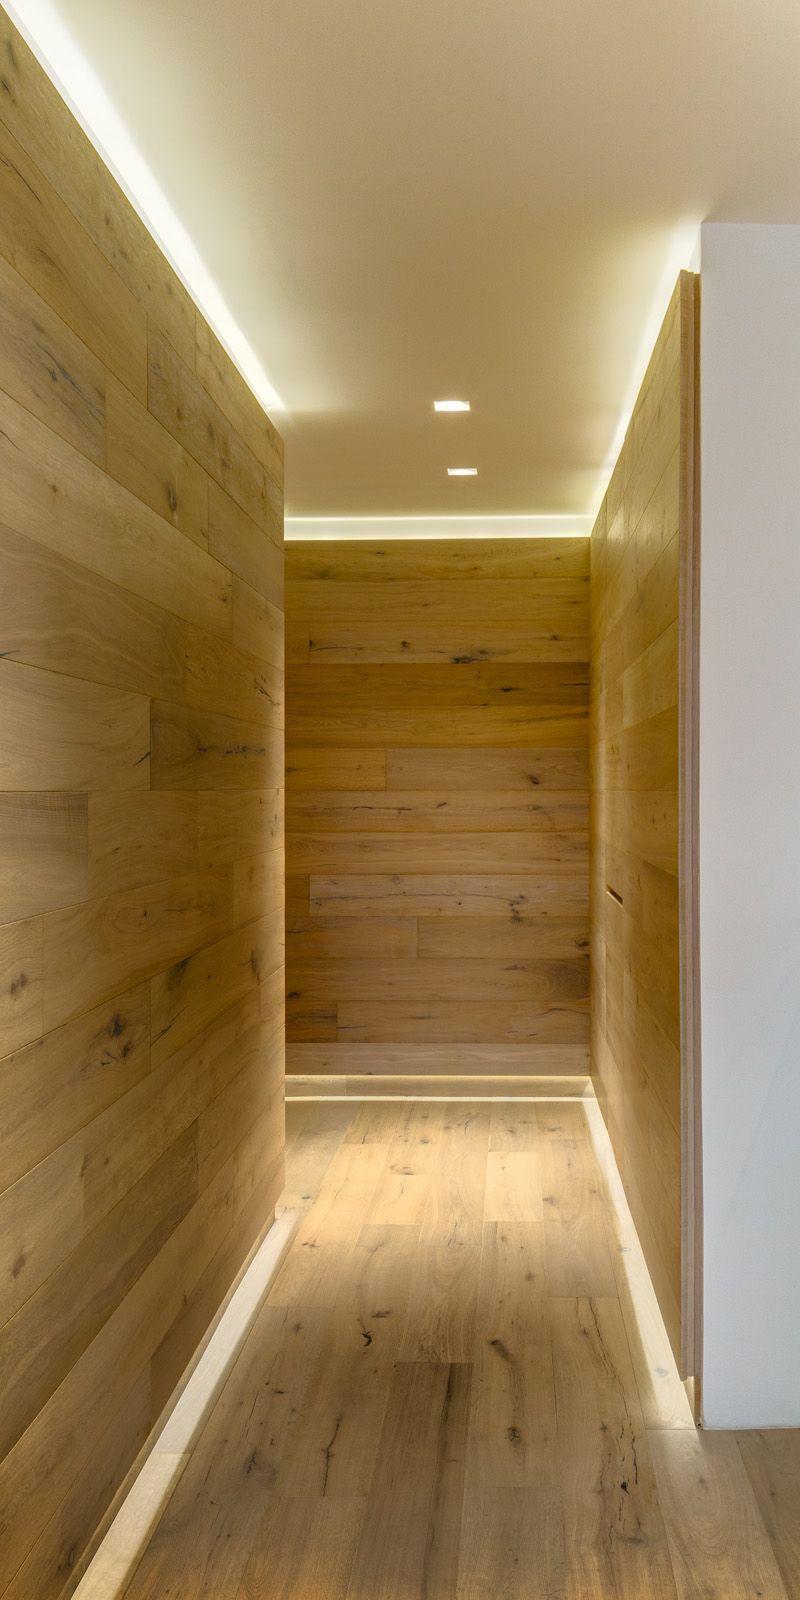 Archetonic Design The Interior Of An Apartment That Overlooks Mexico City Avec Images Maison D Architecture Eclairage Cache Maison Design